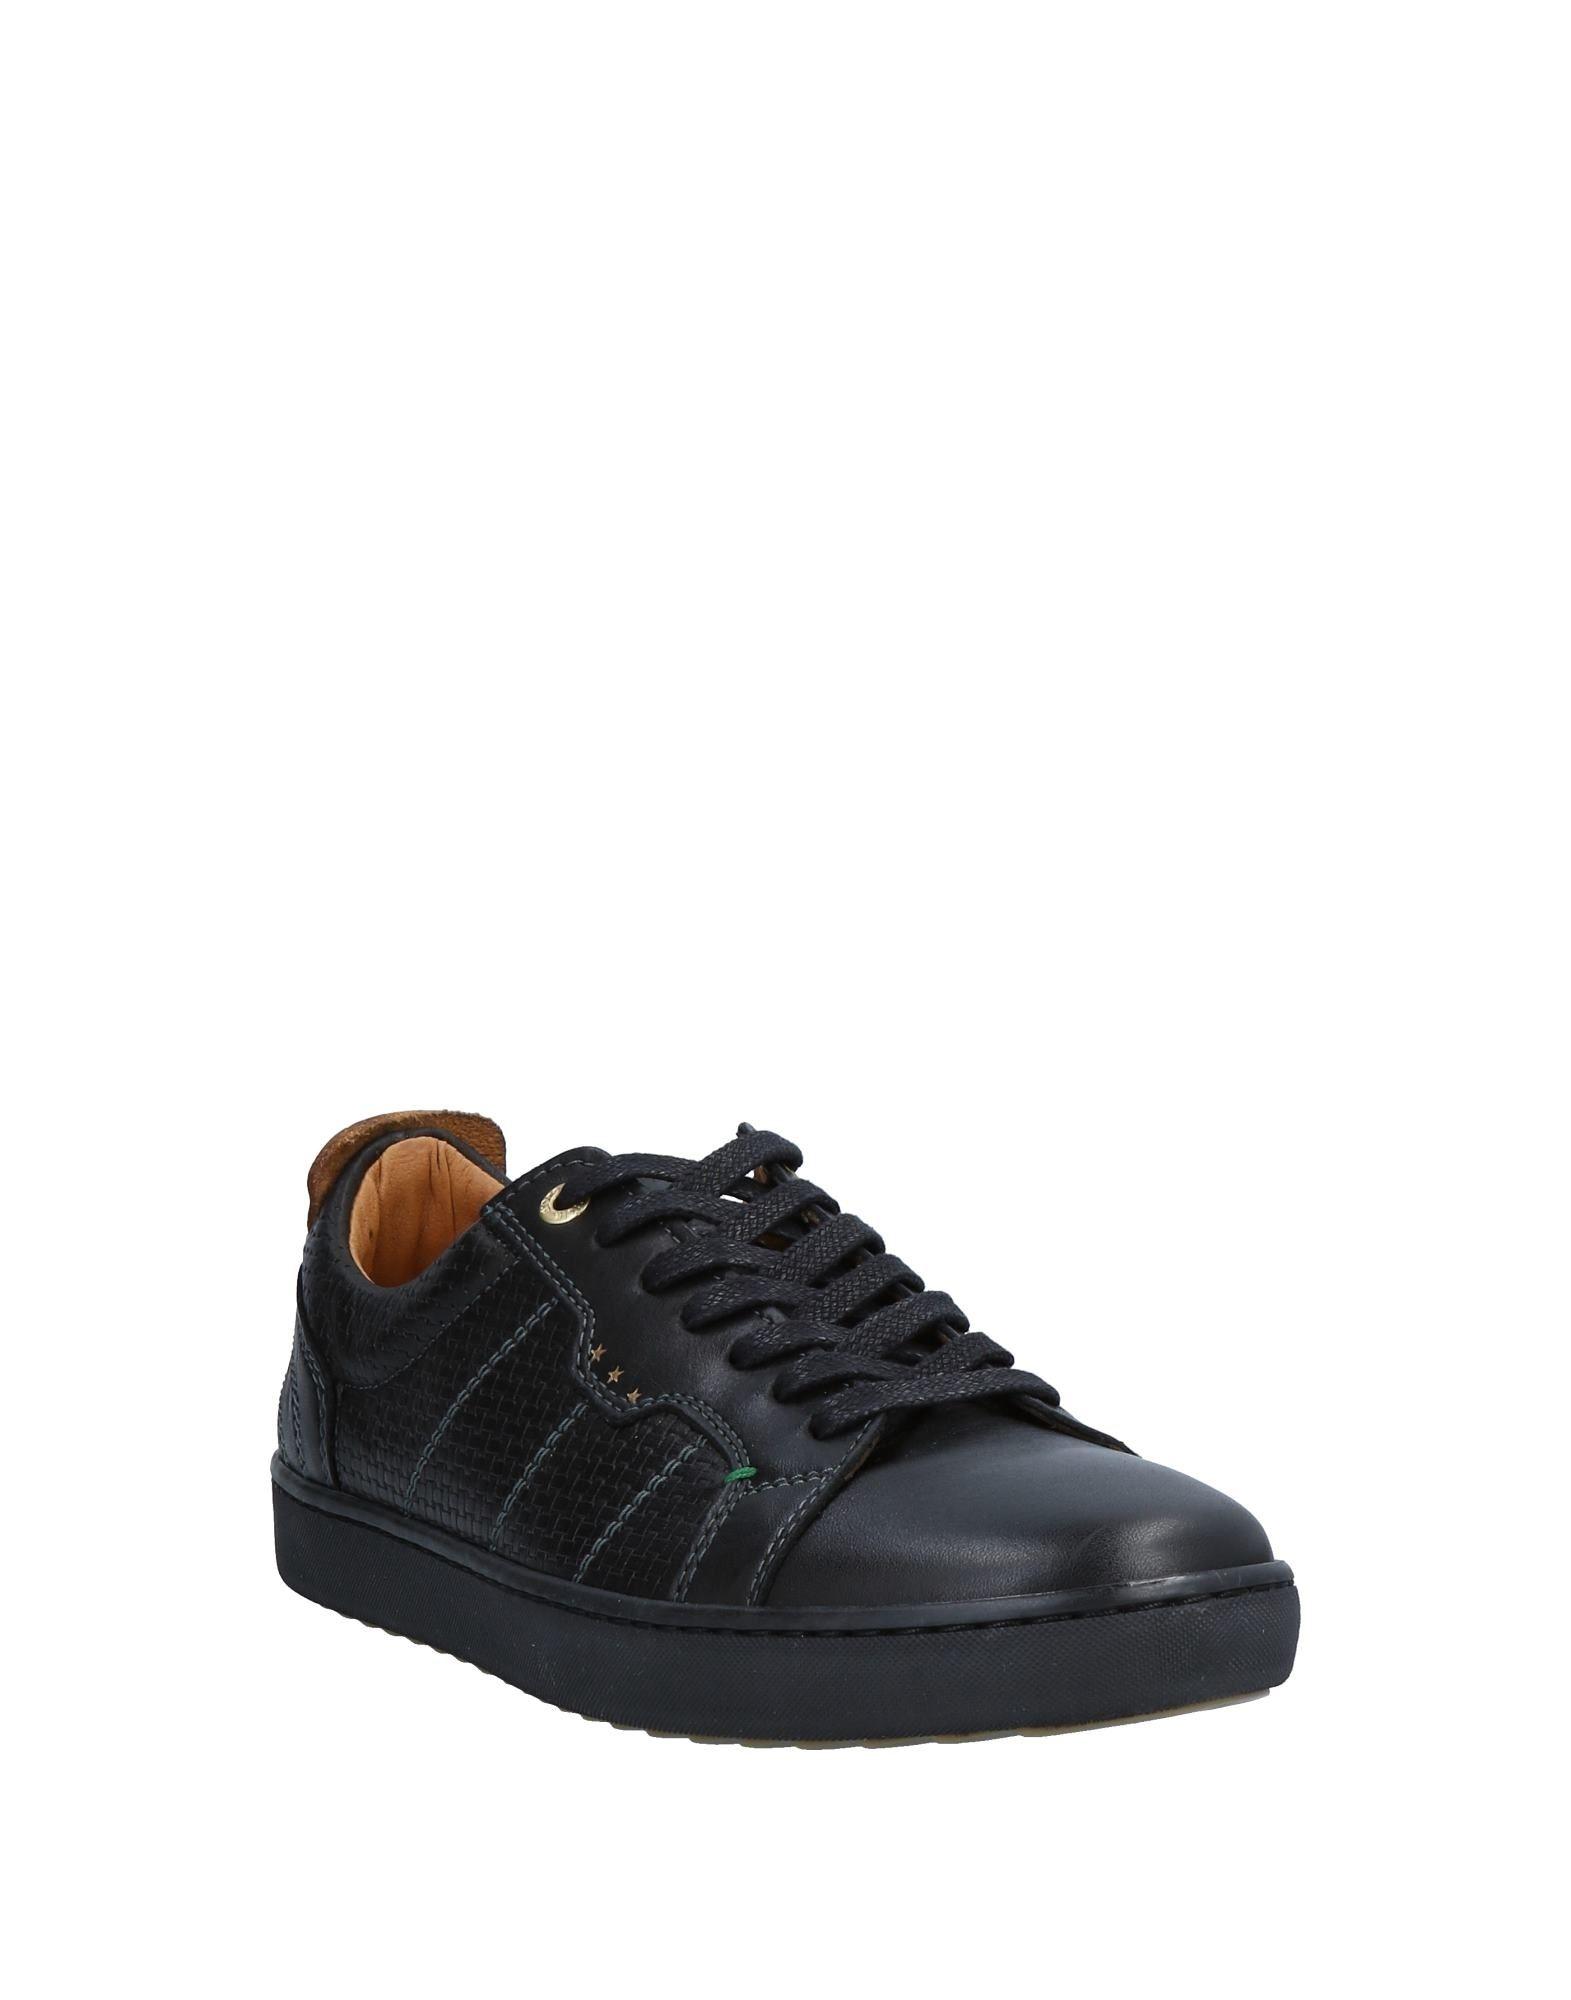 Pantofola D'oro Sneakers Herren Gutes Preis-Leistungs-Verhältnis, es lohnt lohnt es sich 64ce28